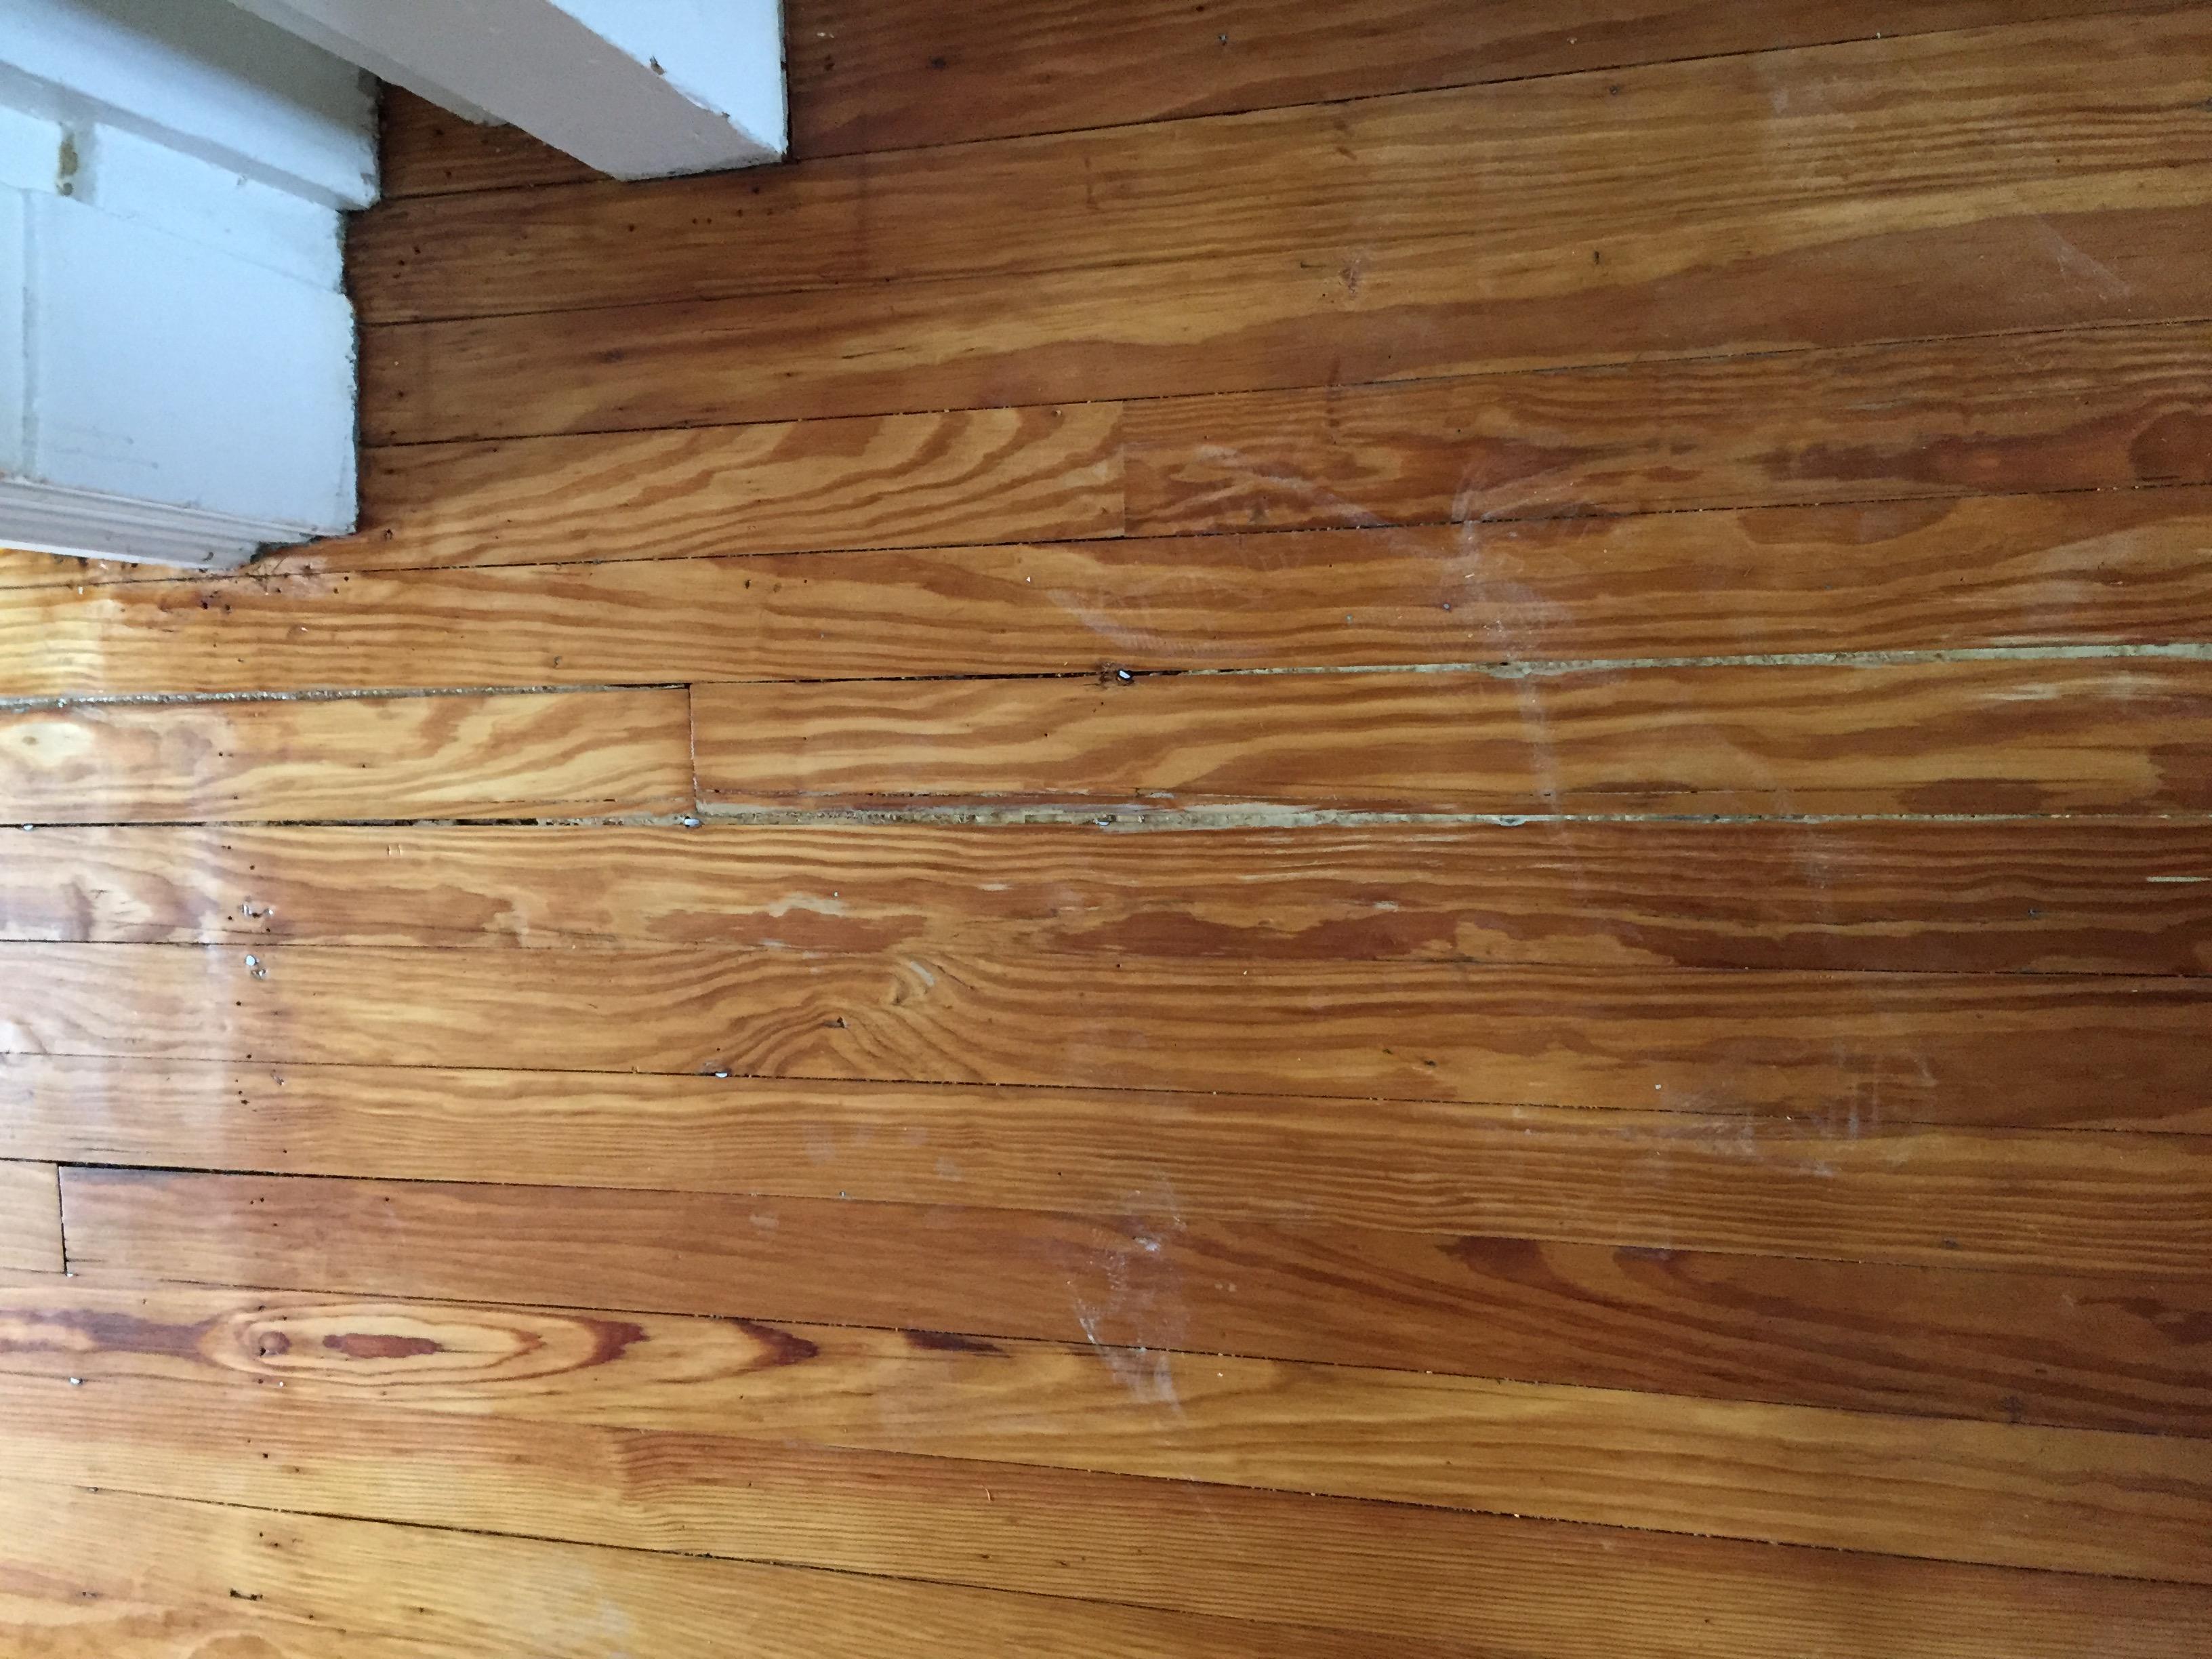 Pine Wood Floor Www Pixshark Com Images Galleries With